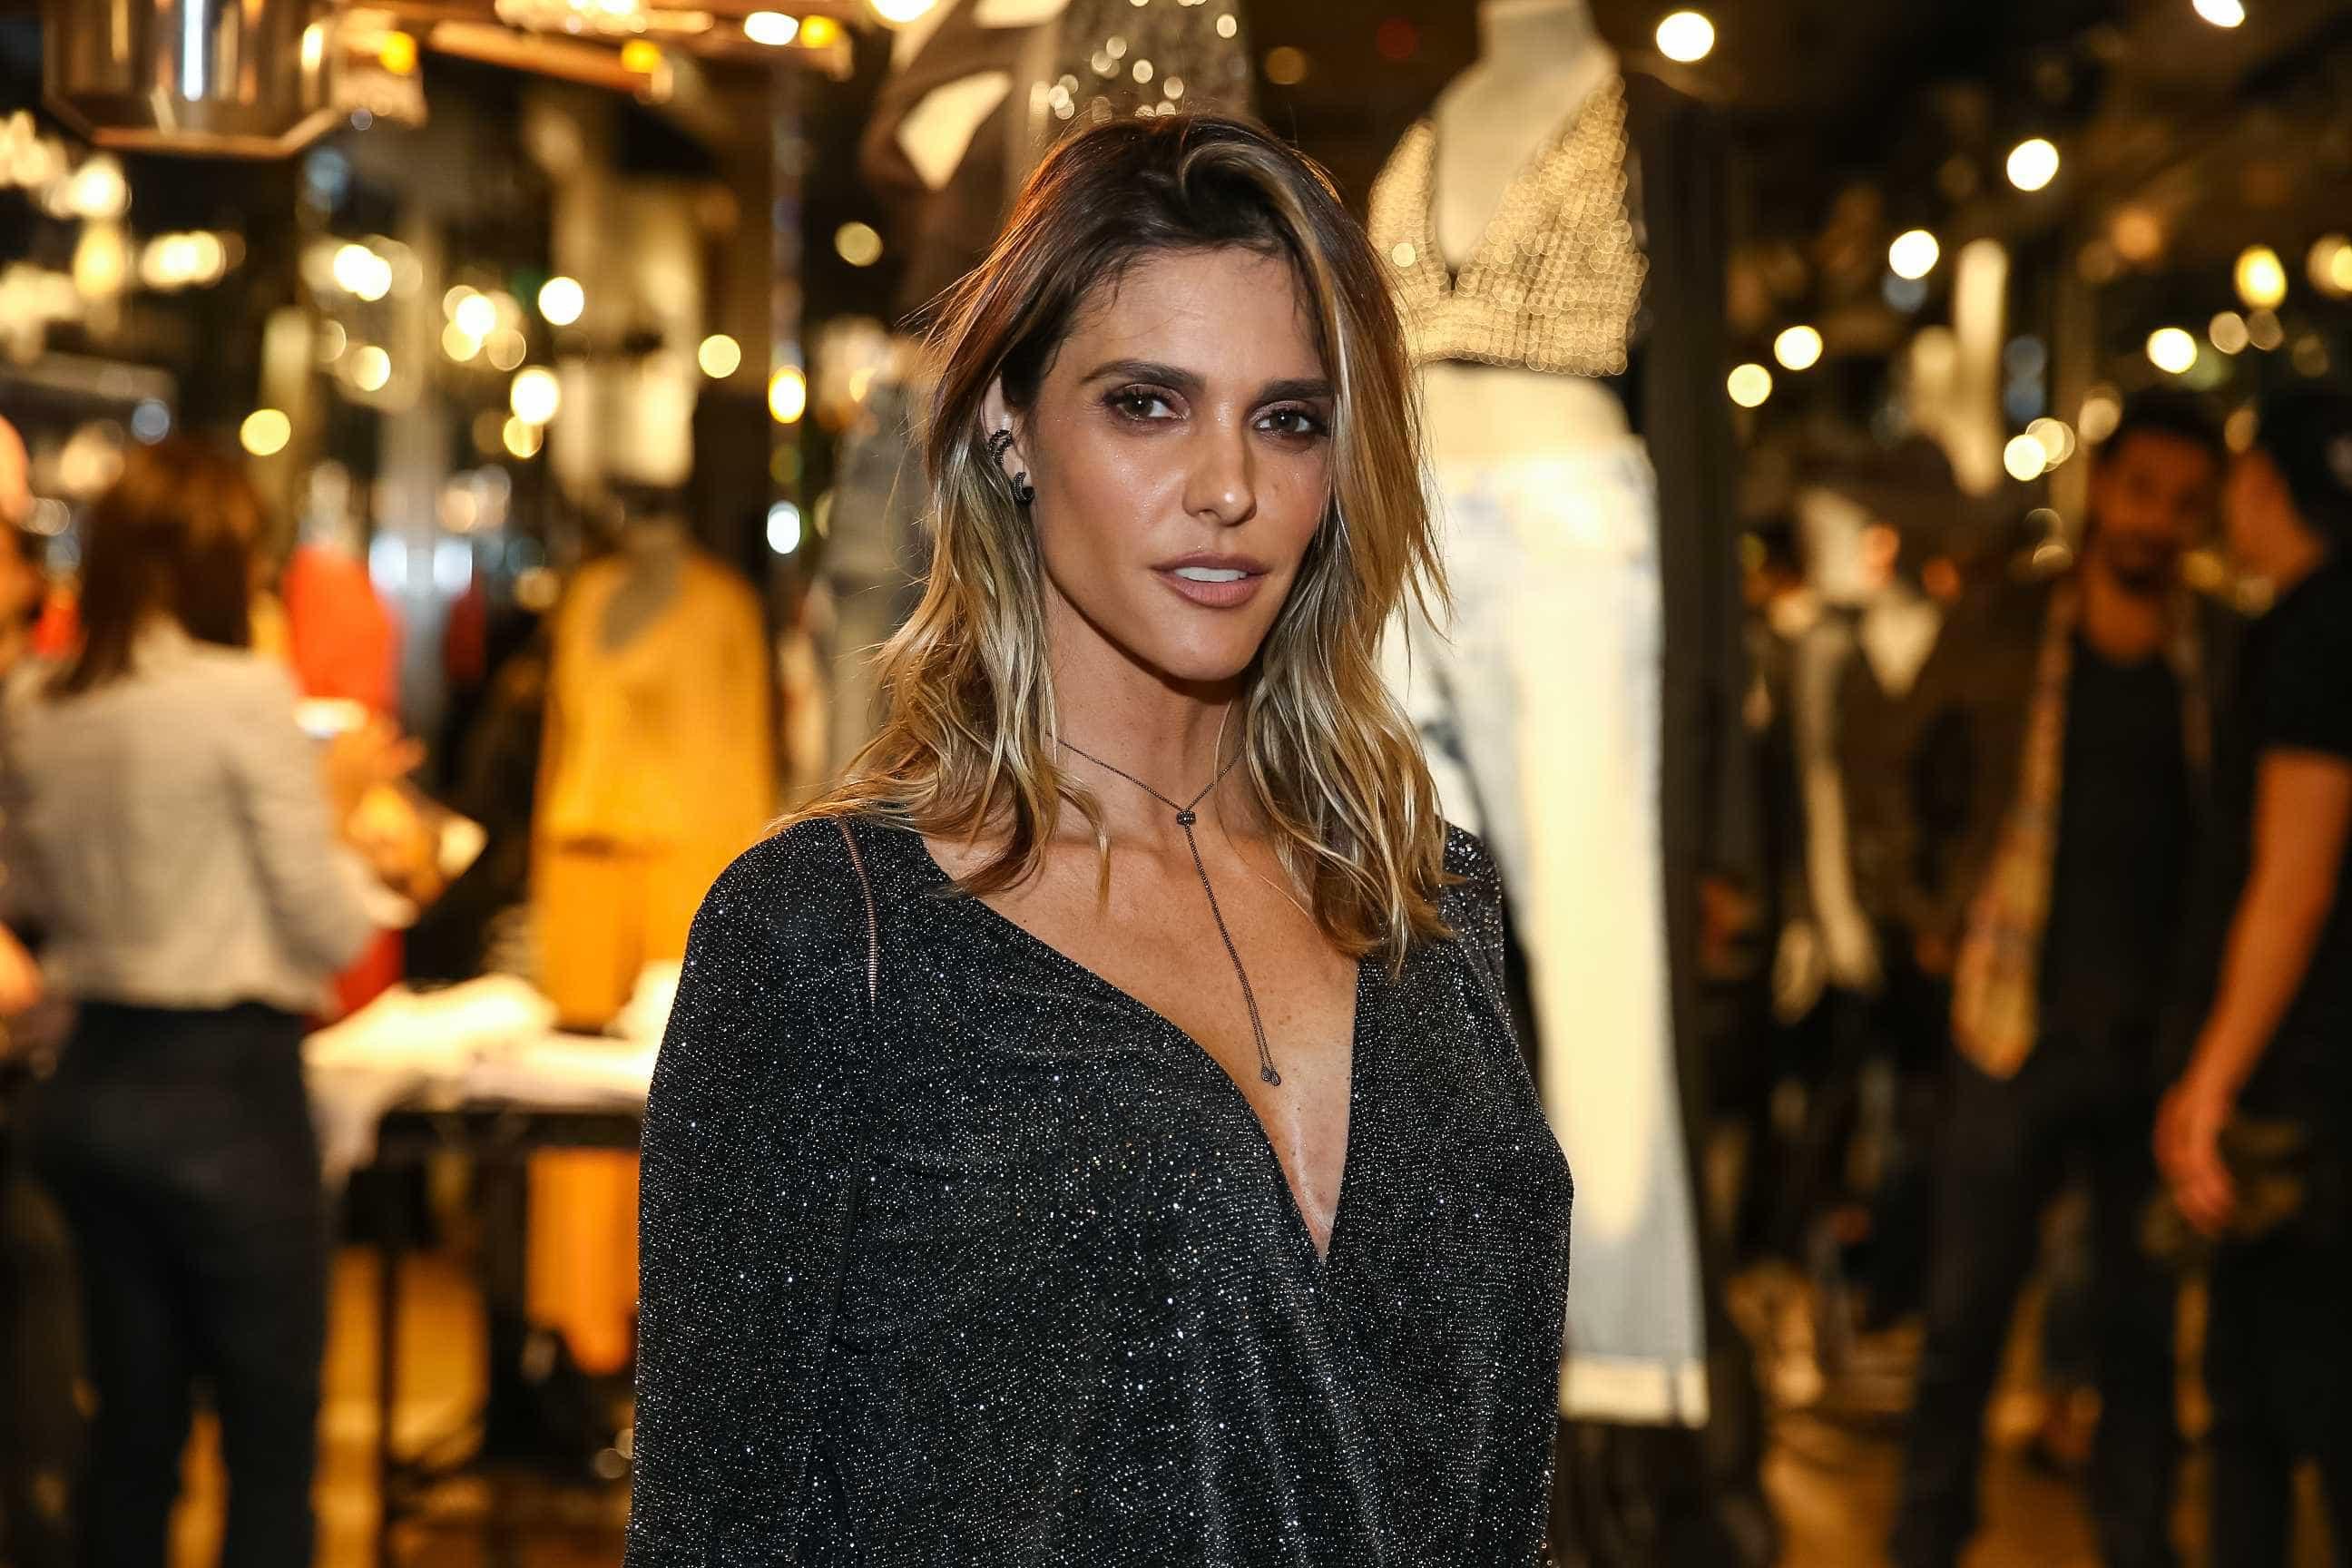 Programa de Fernanda Lima sofre rejeição inédita de público